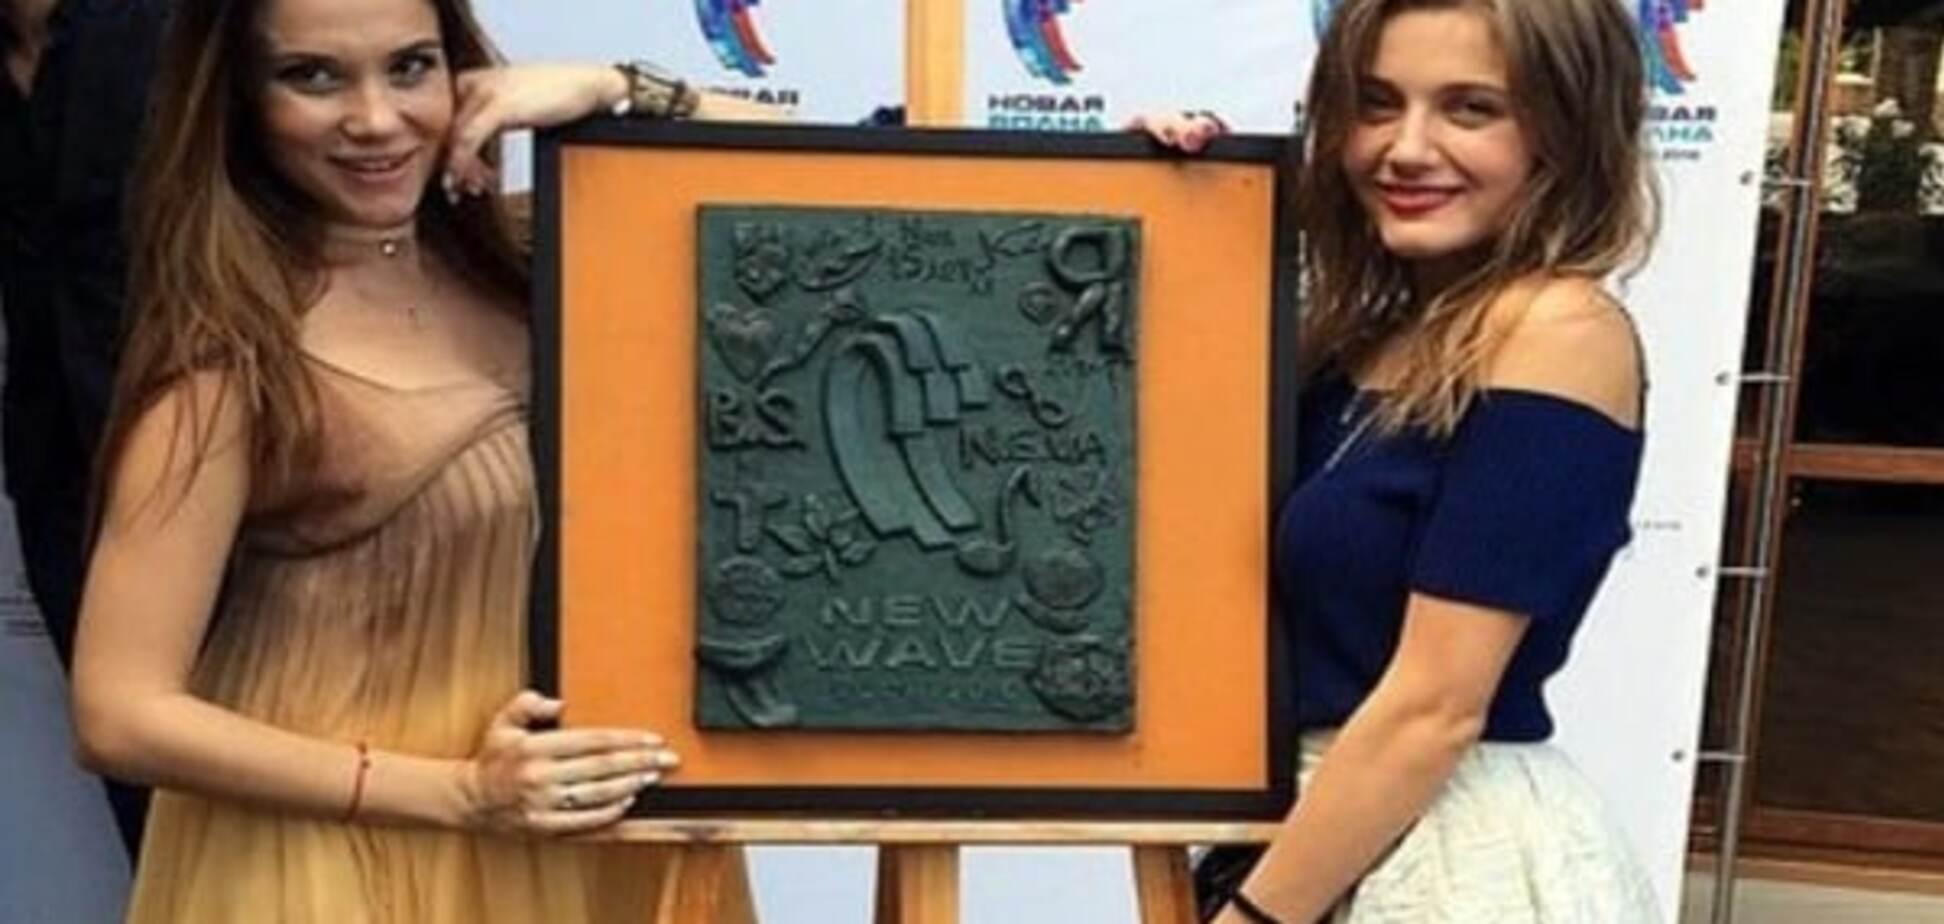 Новая волна 2016: украинок на второй конкурсный день разместили друг за другом